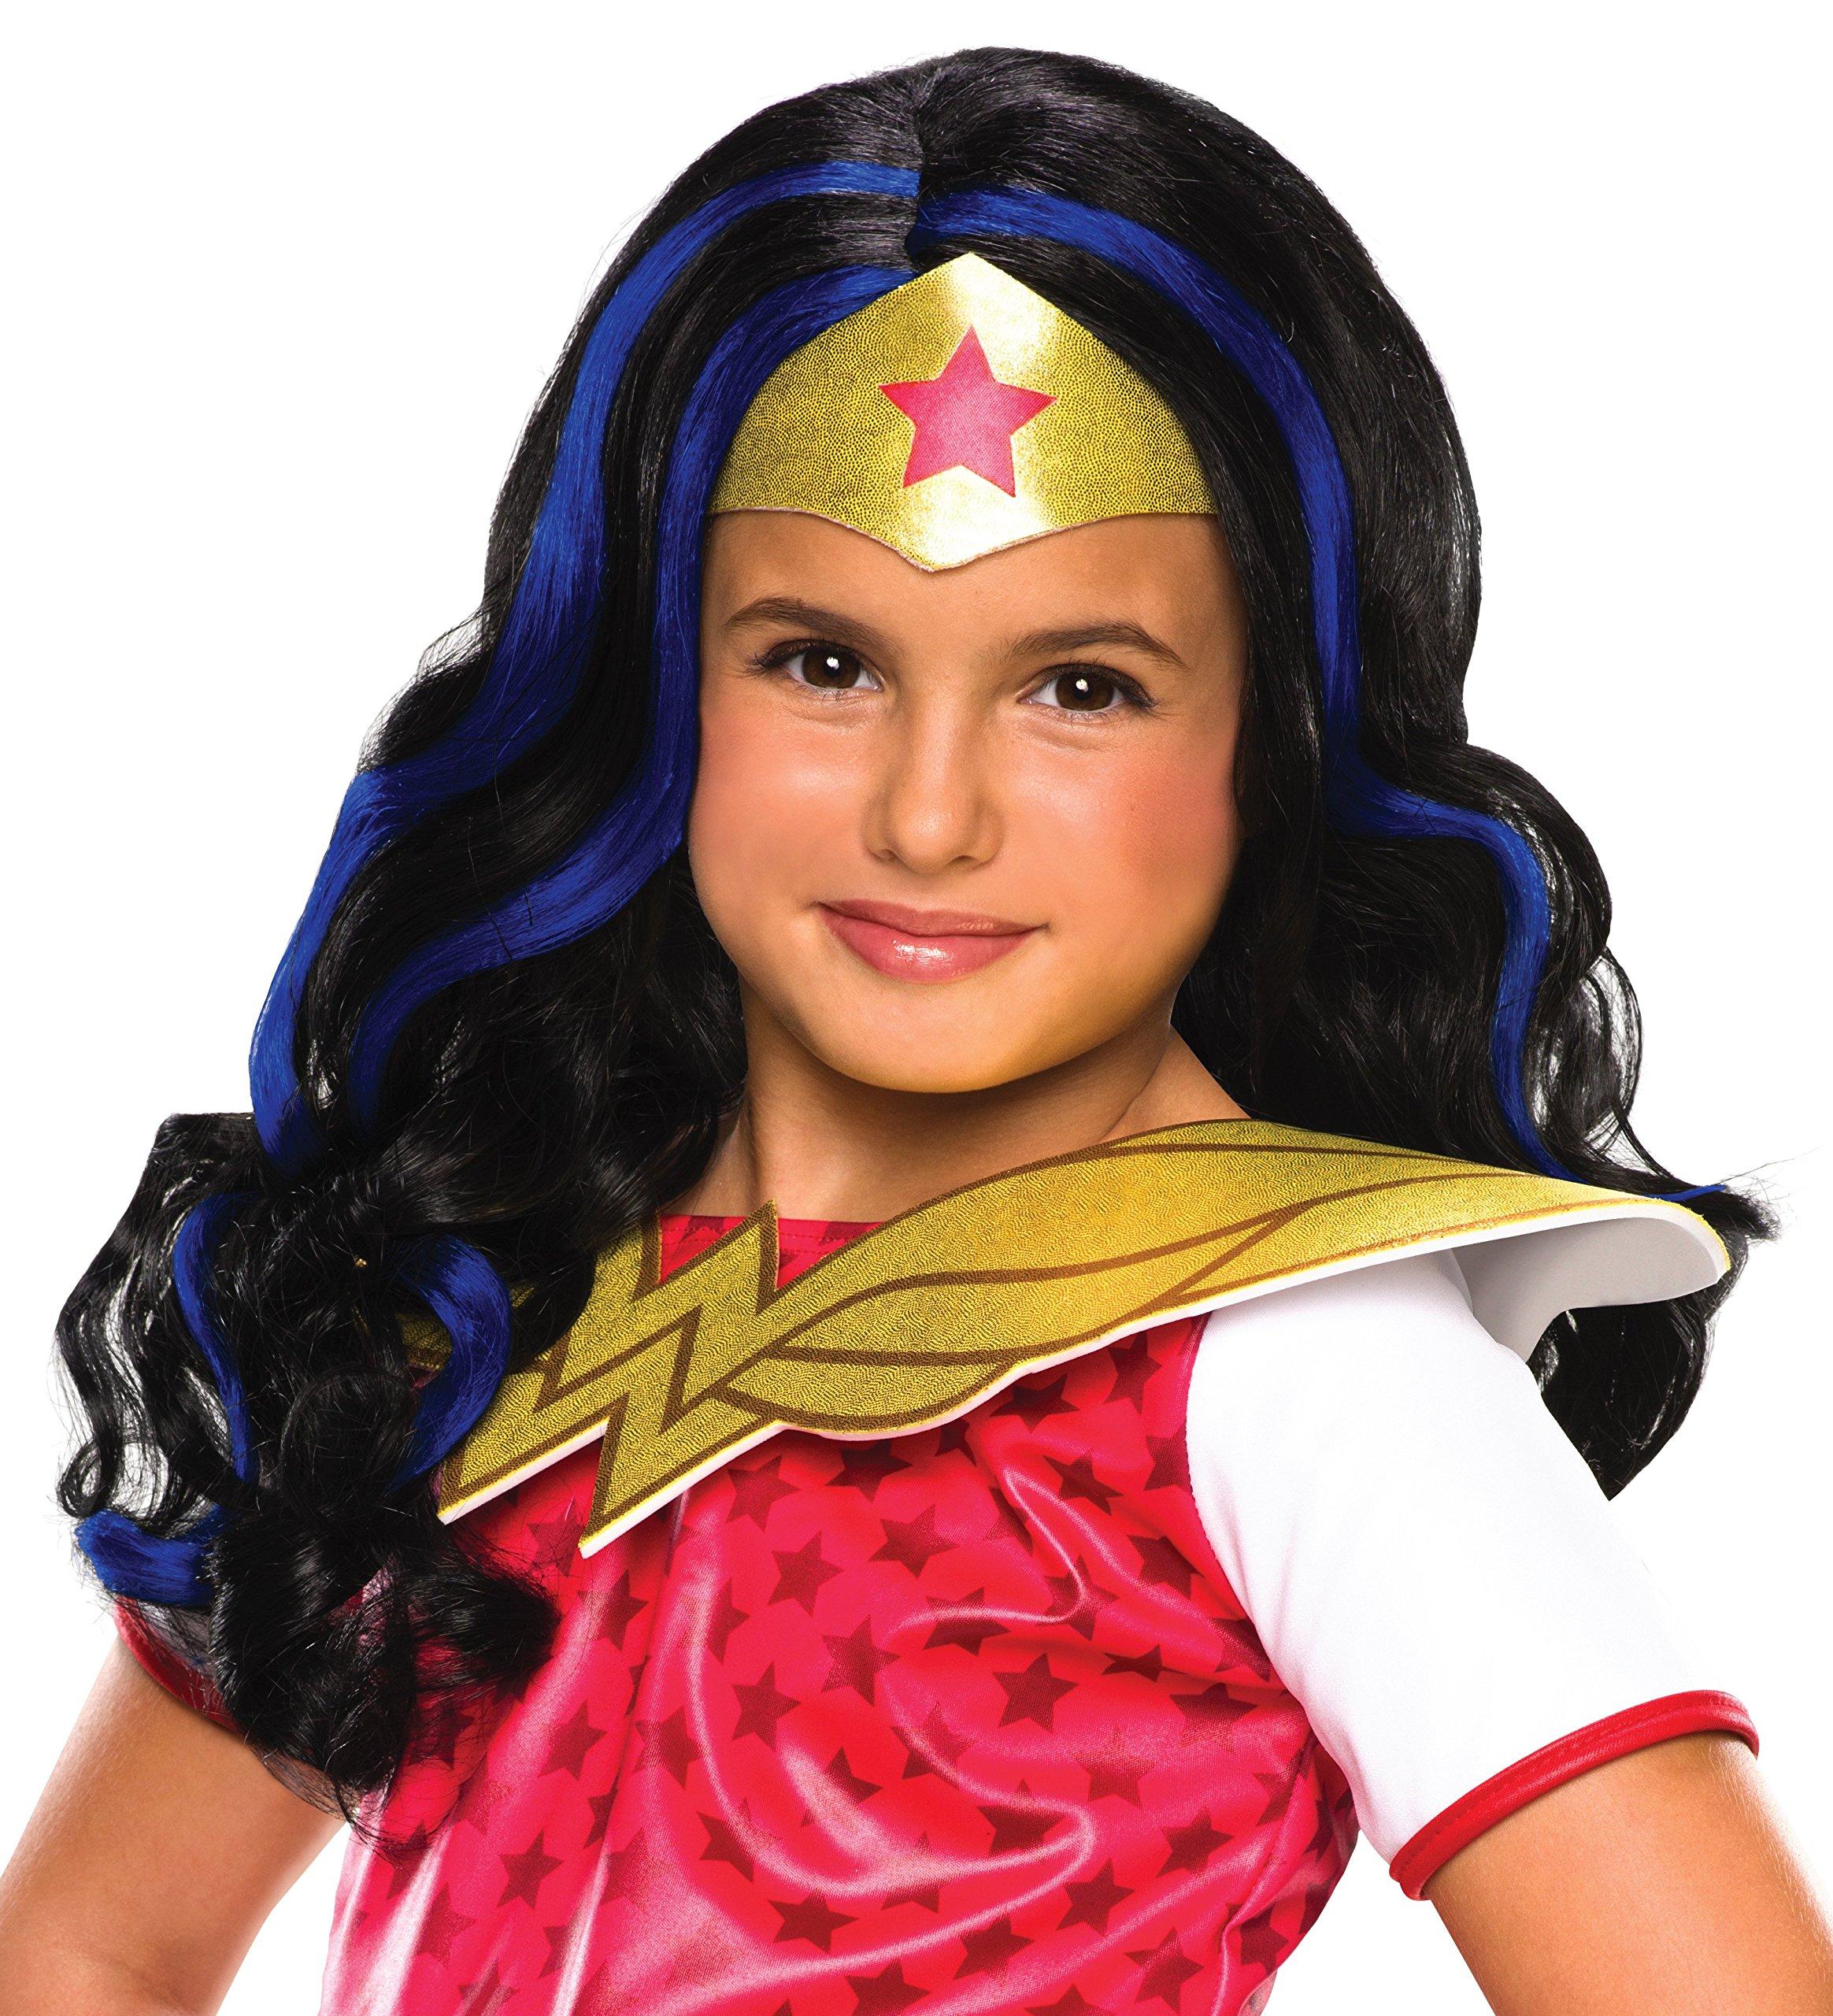 Rubies Peluca Wonder Woman Shg 32971: Amazon.es: Juguetes y juegos